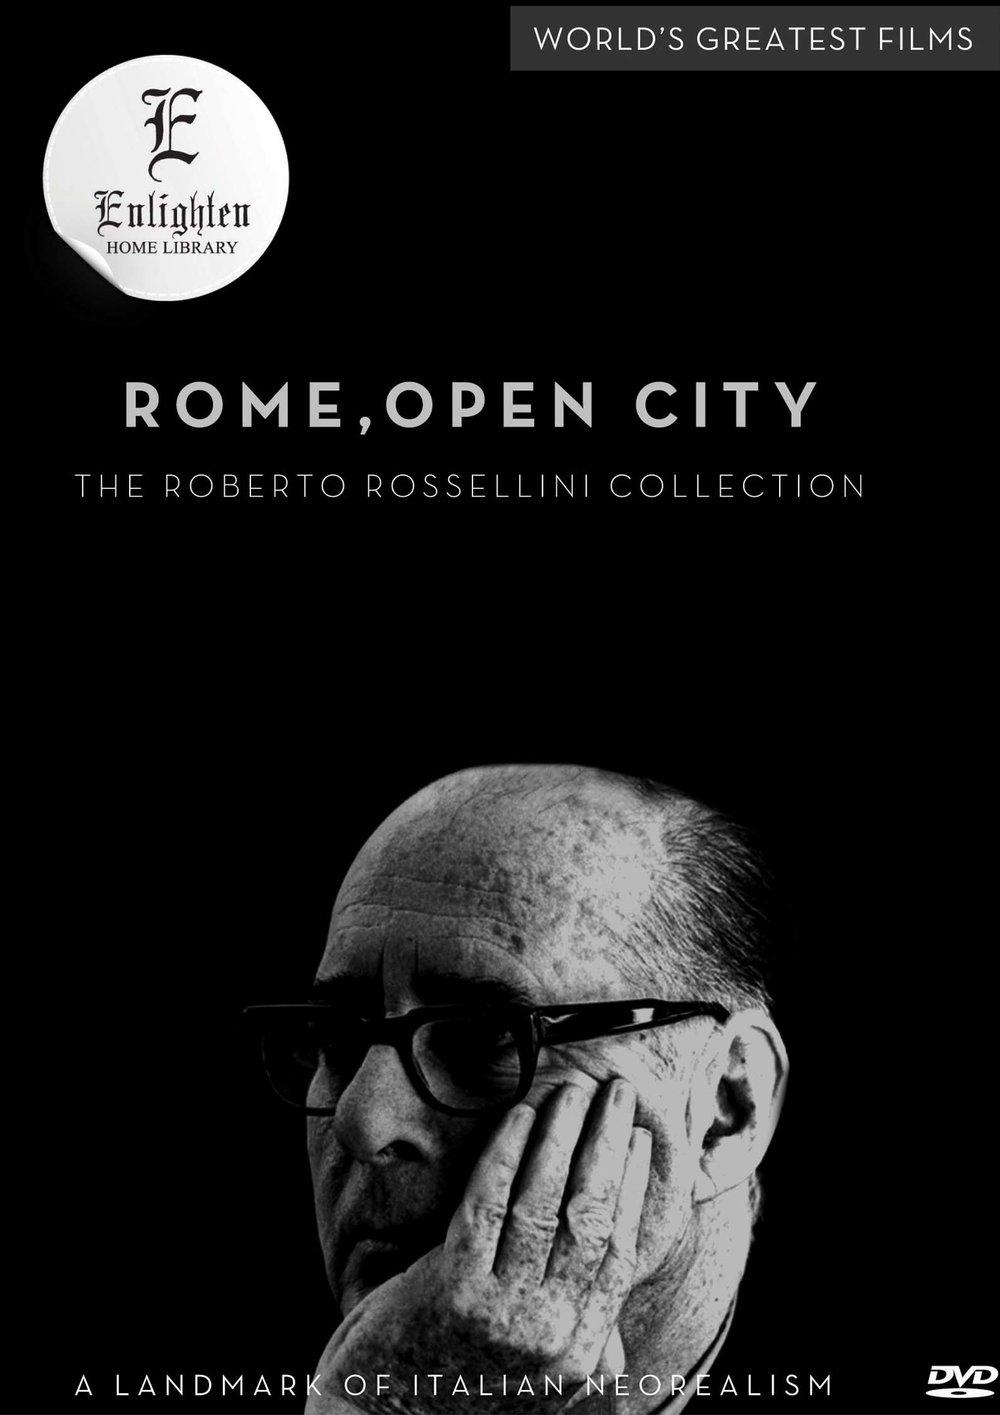 RomeOpenCity.jpg